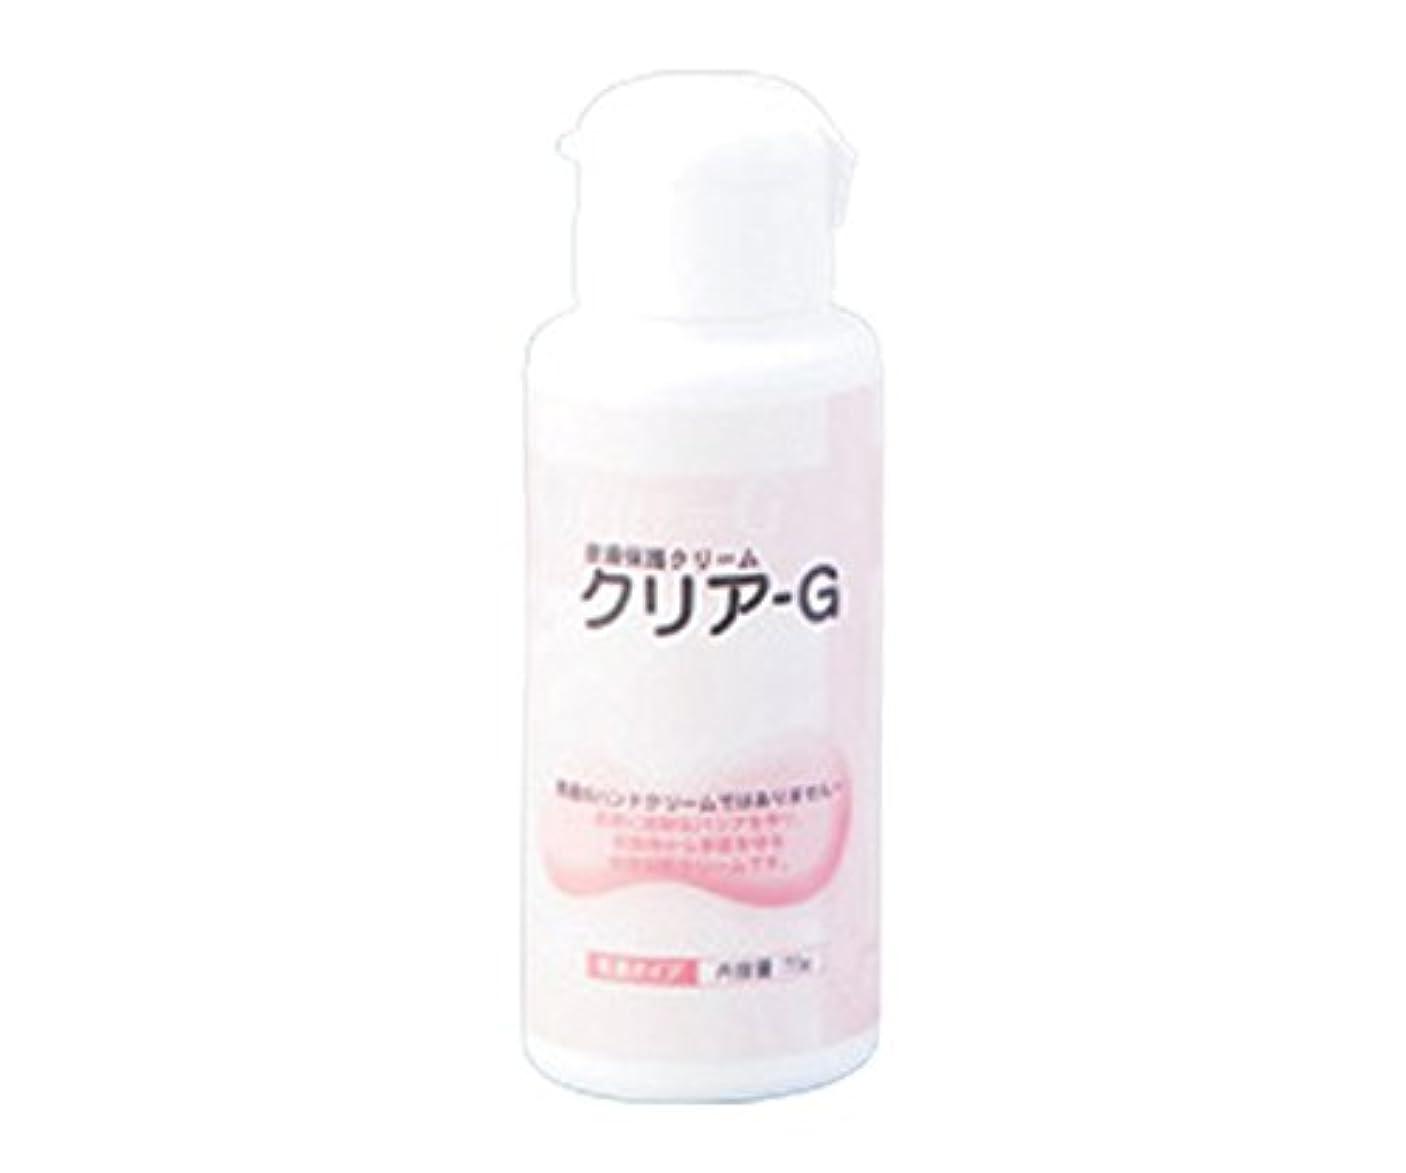 ヒューズエンジニアリングお客様皮膚保護クリーム(クリア-G) 70g